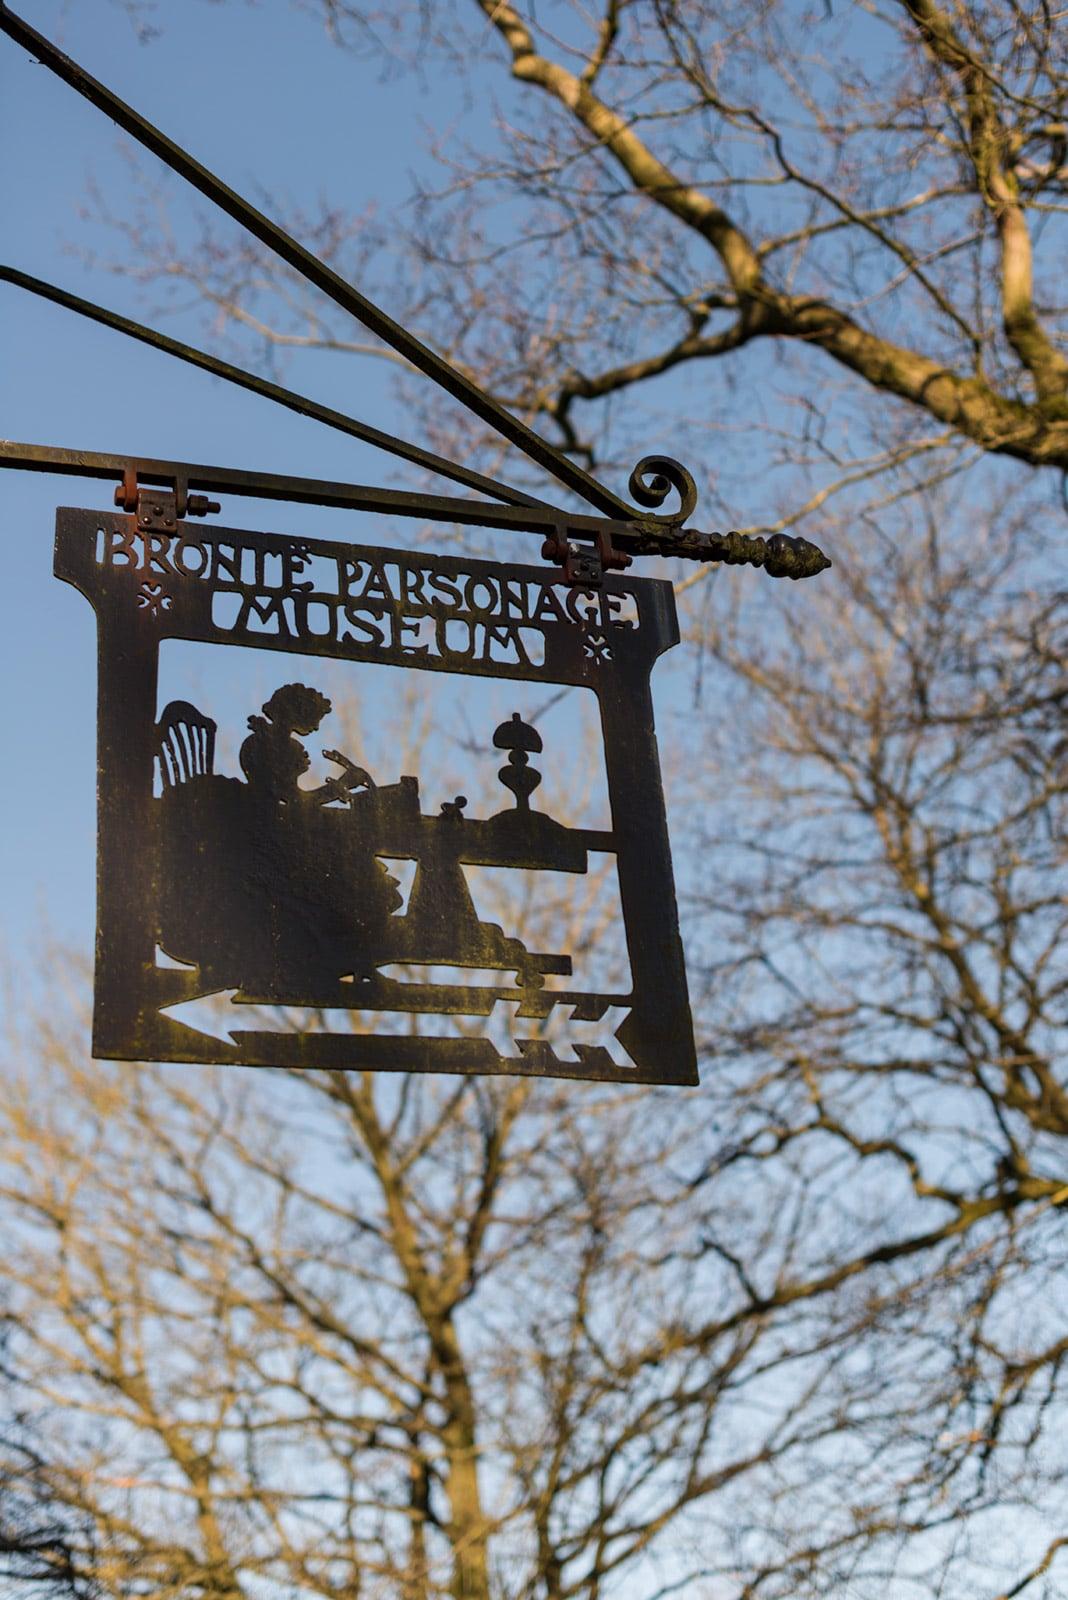 20160325 8255 - Brontë Parsonage Museum, Haworth